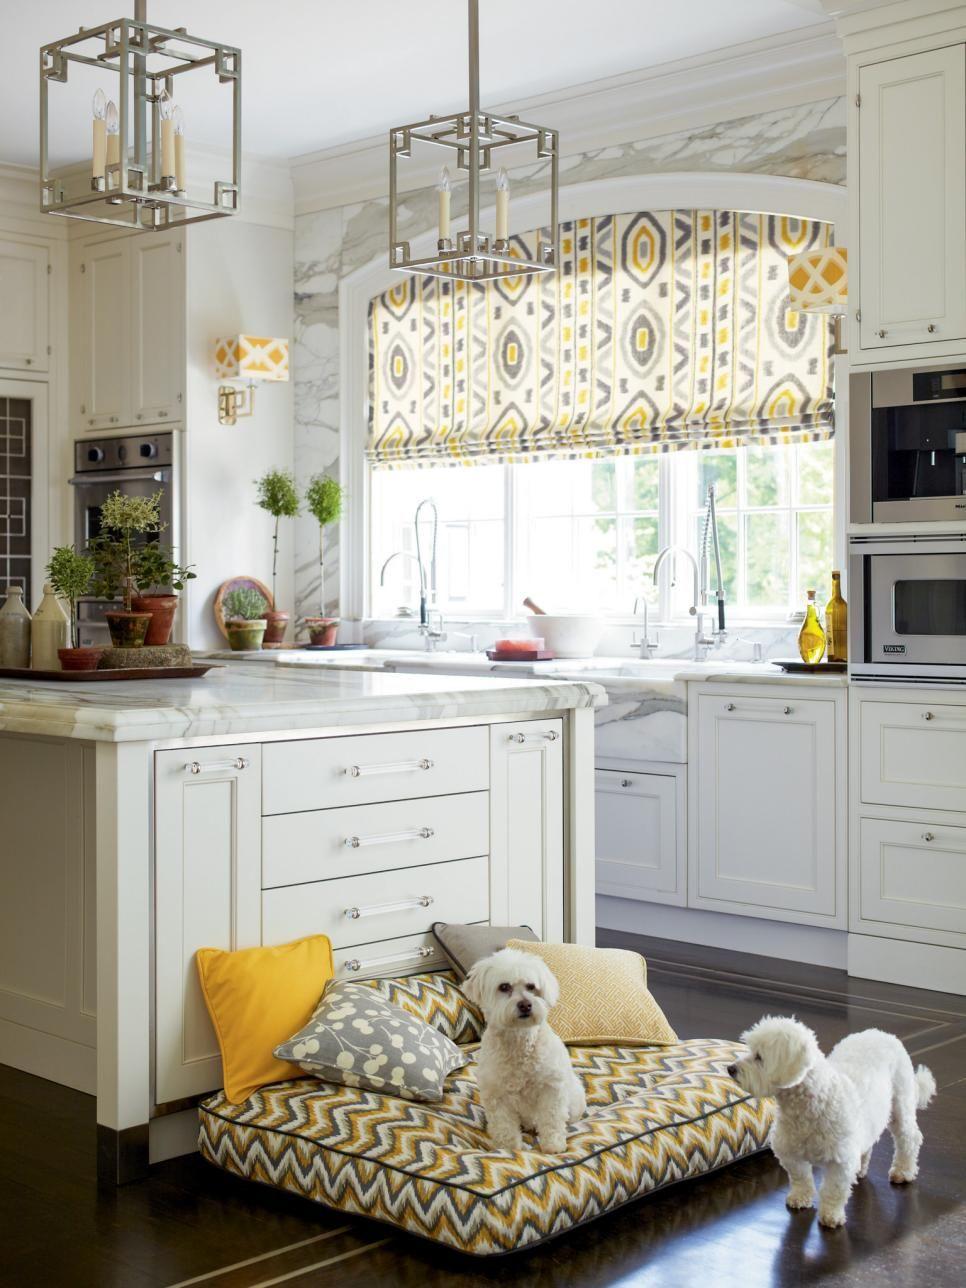 Modern kitchen window design   stylish kitchen window treatment ideas  modern cottage hgtv and